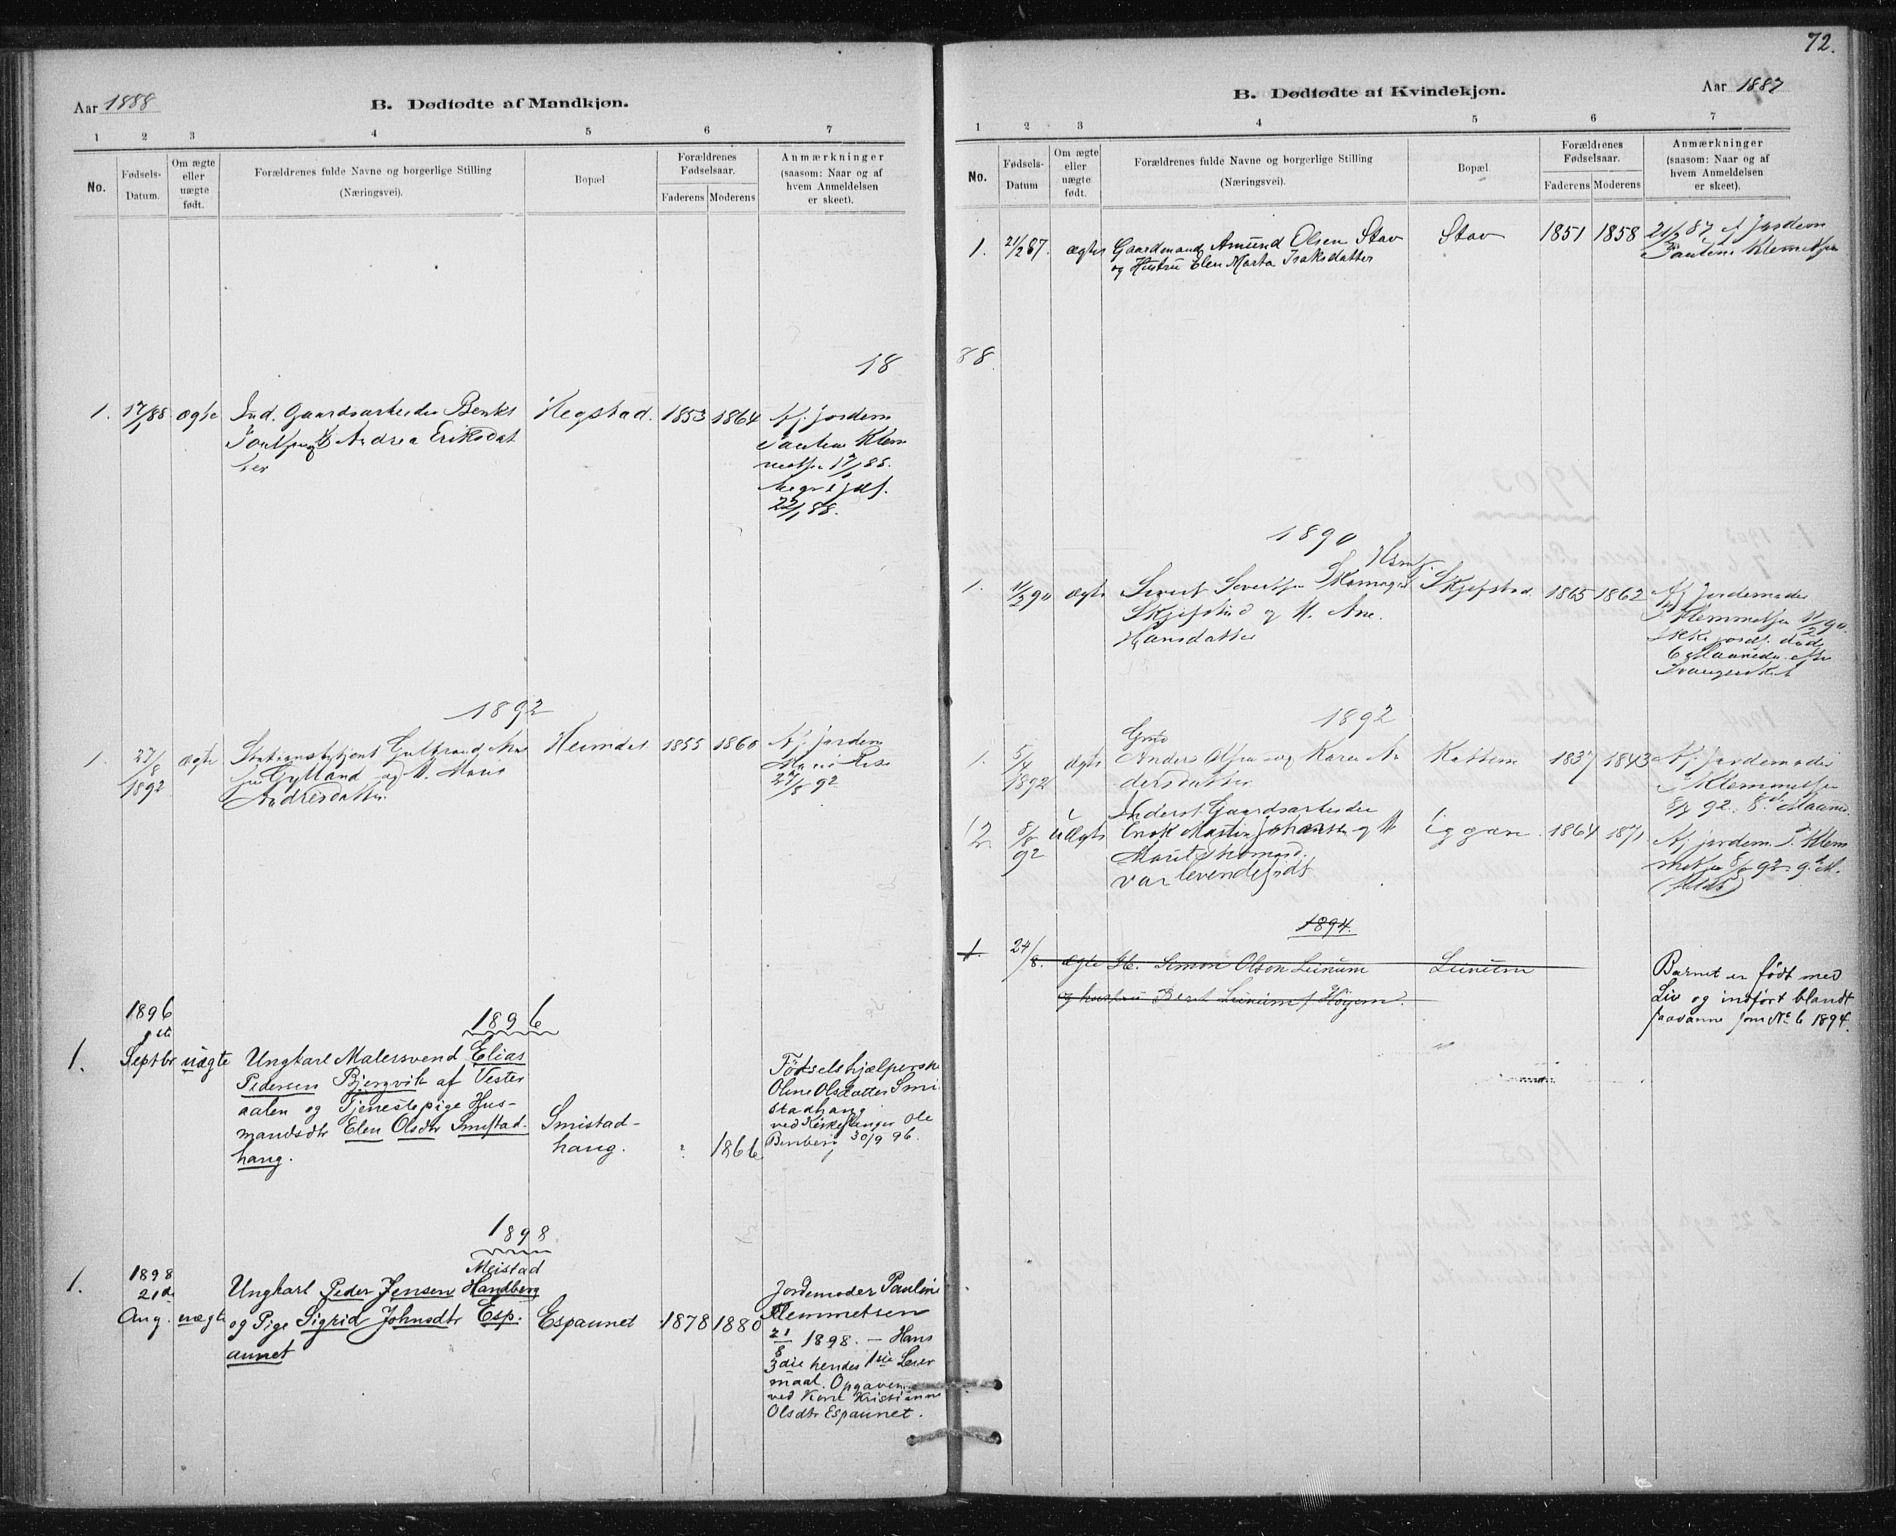 SAT, Ministerialprotokoller, klokkerbøker og fødselsregistre - Sør-Trøndelag, 613/L0392: Ministerialbok nr. 613A01, 1887-1906, s. 72